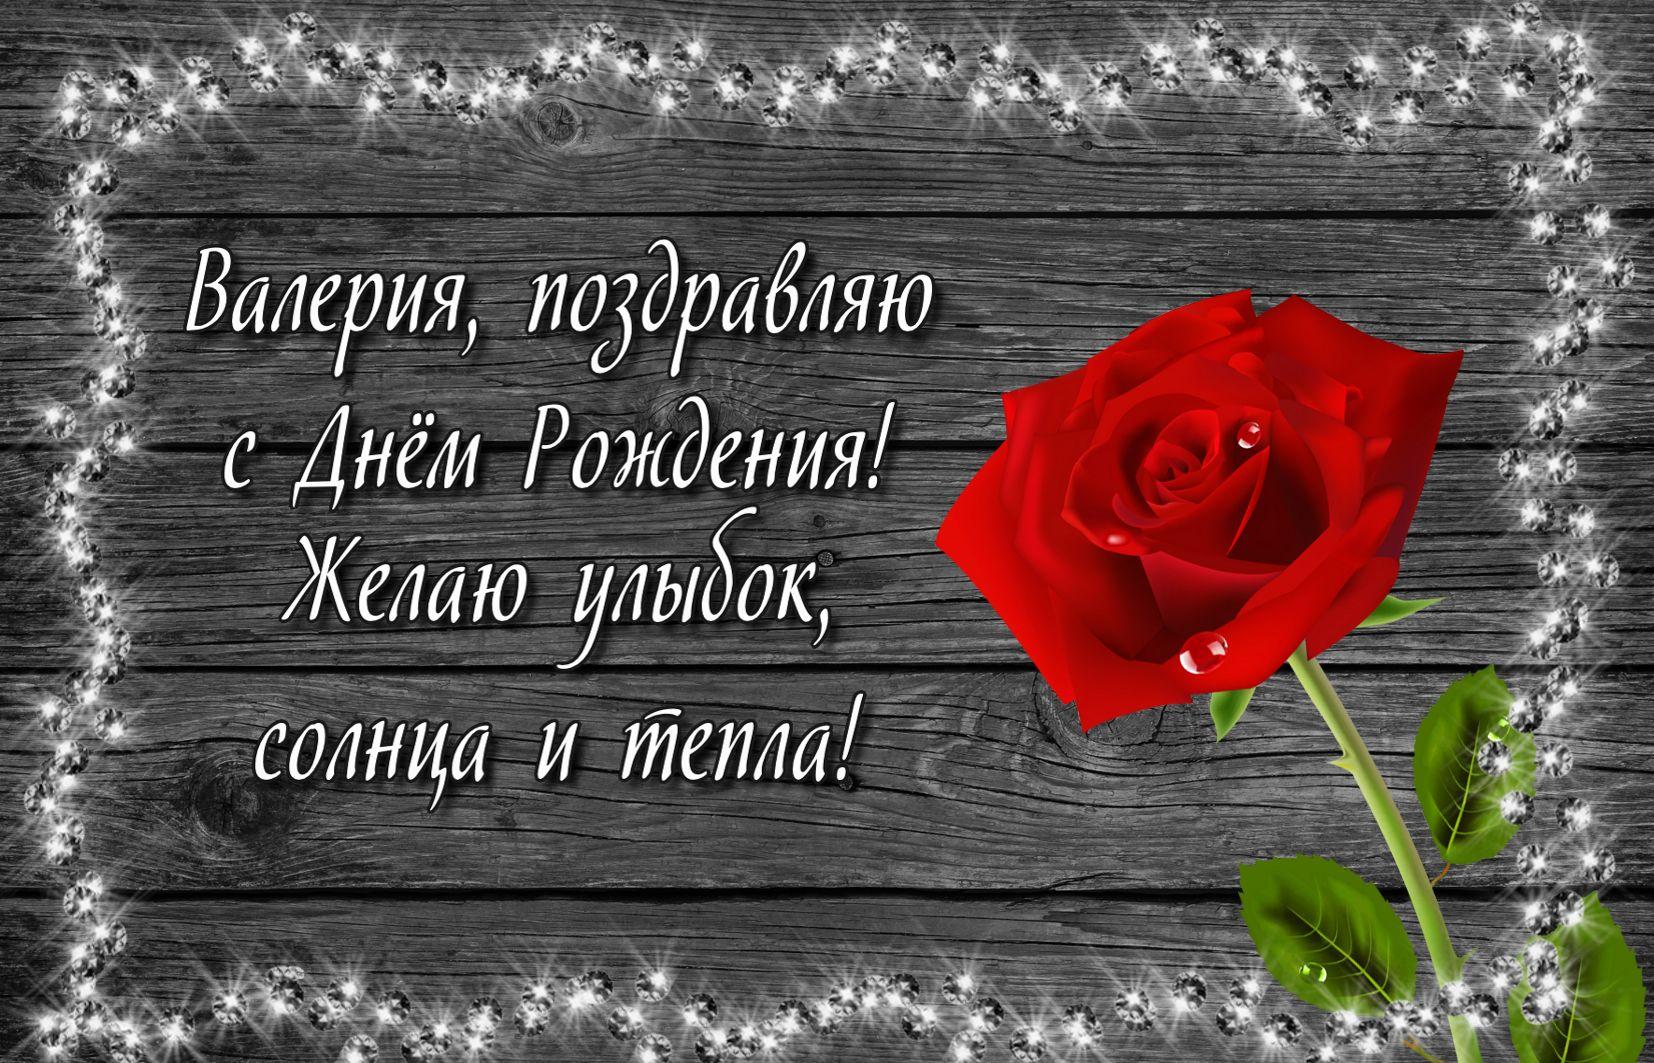 Красная роза на сером блестящем фоне